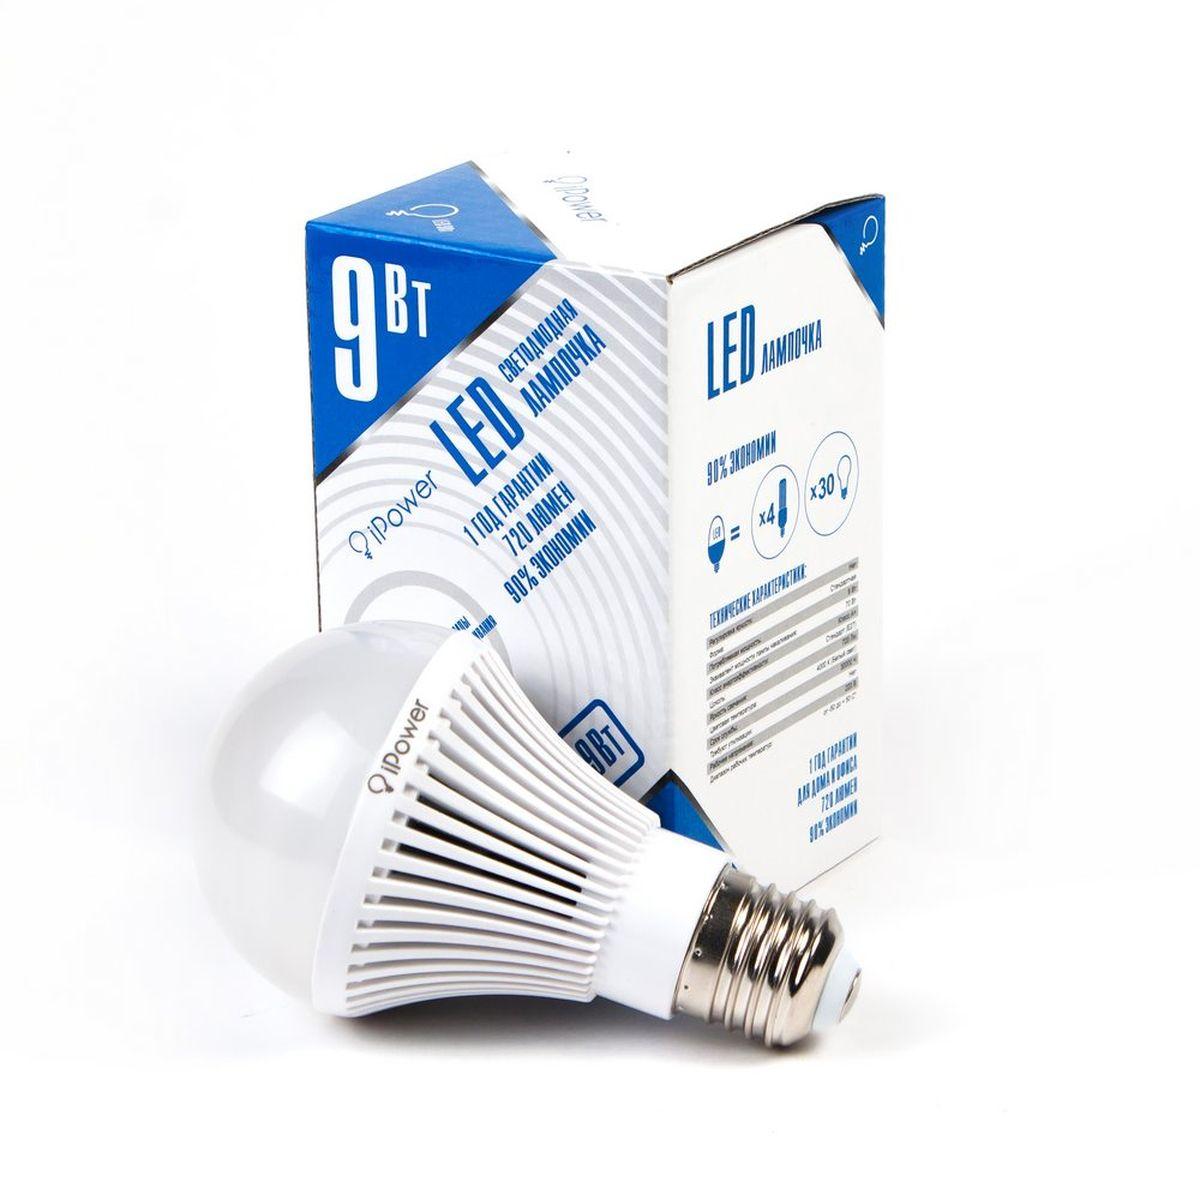 Лампа светодиодная iPower, цоколь Е27, 9W, 4000КC0042408Светодиодная лампа iPower имеет очень низкое энергопотребление. В сравнении с лампами накаливания LED потребляет в 12 разменьше электричества, а в сравнении с энергосберегающими - в 2-4 раза меньше. При этом срок службы LED лампочки в 5 раз выше, чемэнергосберегающей, и в 50 раз выше, чем у лампы накаливания. Светодиодная лампа iPower создает мягкий рассеивающий свет безмерцаний, что совершенно безопасно для глаз. Она специально разработана по требованиям российских и европейских законов и подходит ковсем осветительным устройствам, совместимым со стандартным цоколем E27. Использование светодиодов от мирового лидера Epistar - этозалог надежной и стабильной работы лампы. Нейтральный белый оттенок свечения идеально подойдёт для освещения, как офисов,образовательных и медицинских учреждений, так и кухни, гостиной.Диапазон рабочих температур: от -50°C до +50°С.Материал: поликарбонат.Потребляемая мощность: 9 Вт.Рабочее напряжение: 220В.Световая температура: 4000К (белый свет).Срок службы: 30000 часов.Форма: стандарт.Цоколь: стандарт (E27).Эквивалент мощности лампы накаливания: 70 Вт.Яркость свечения: 720 Лм.